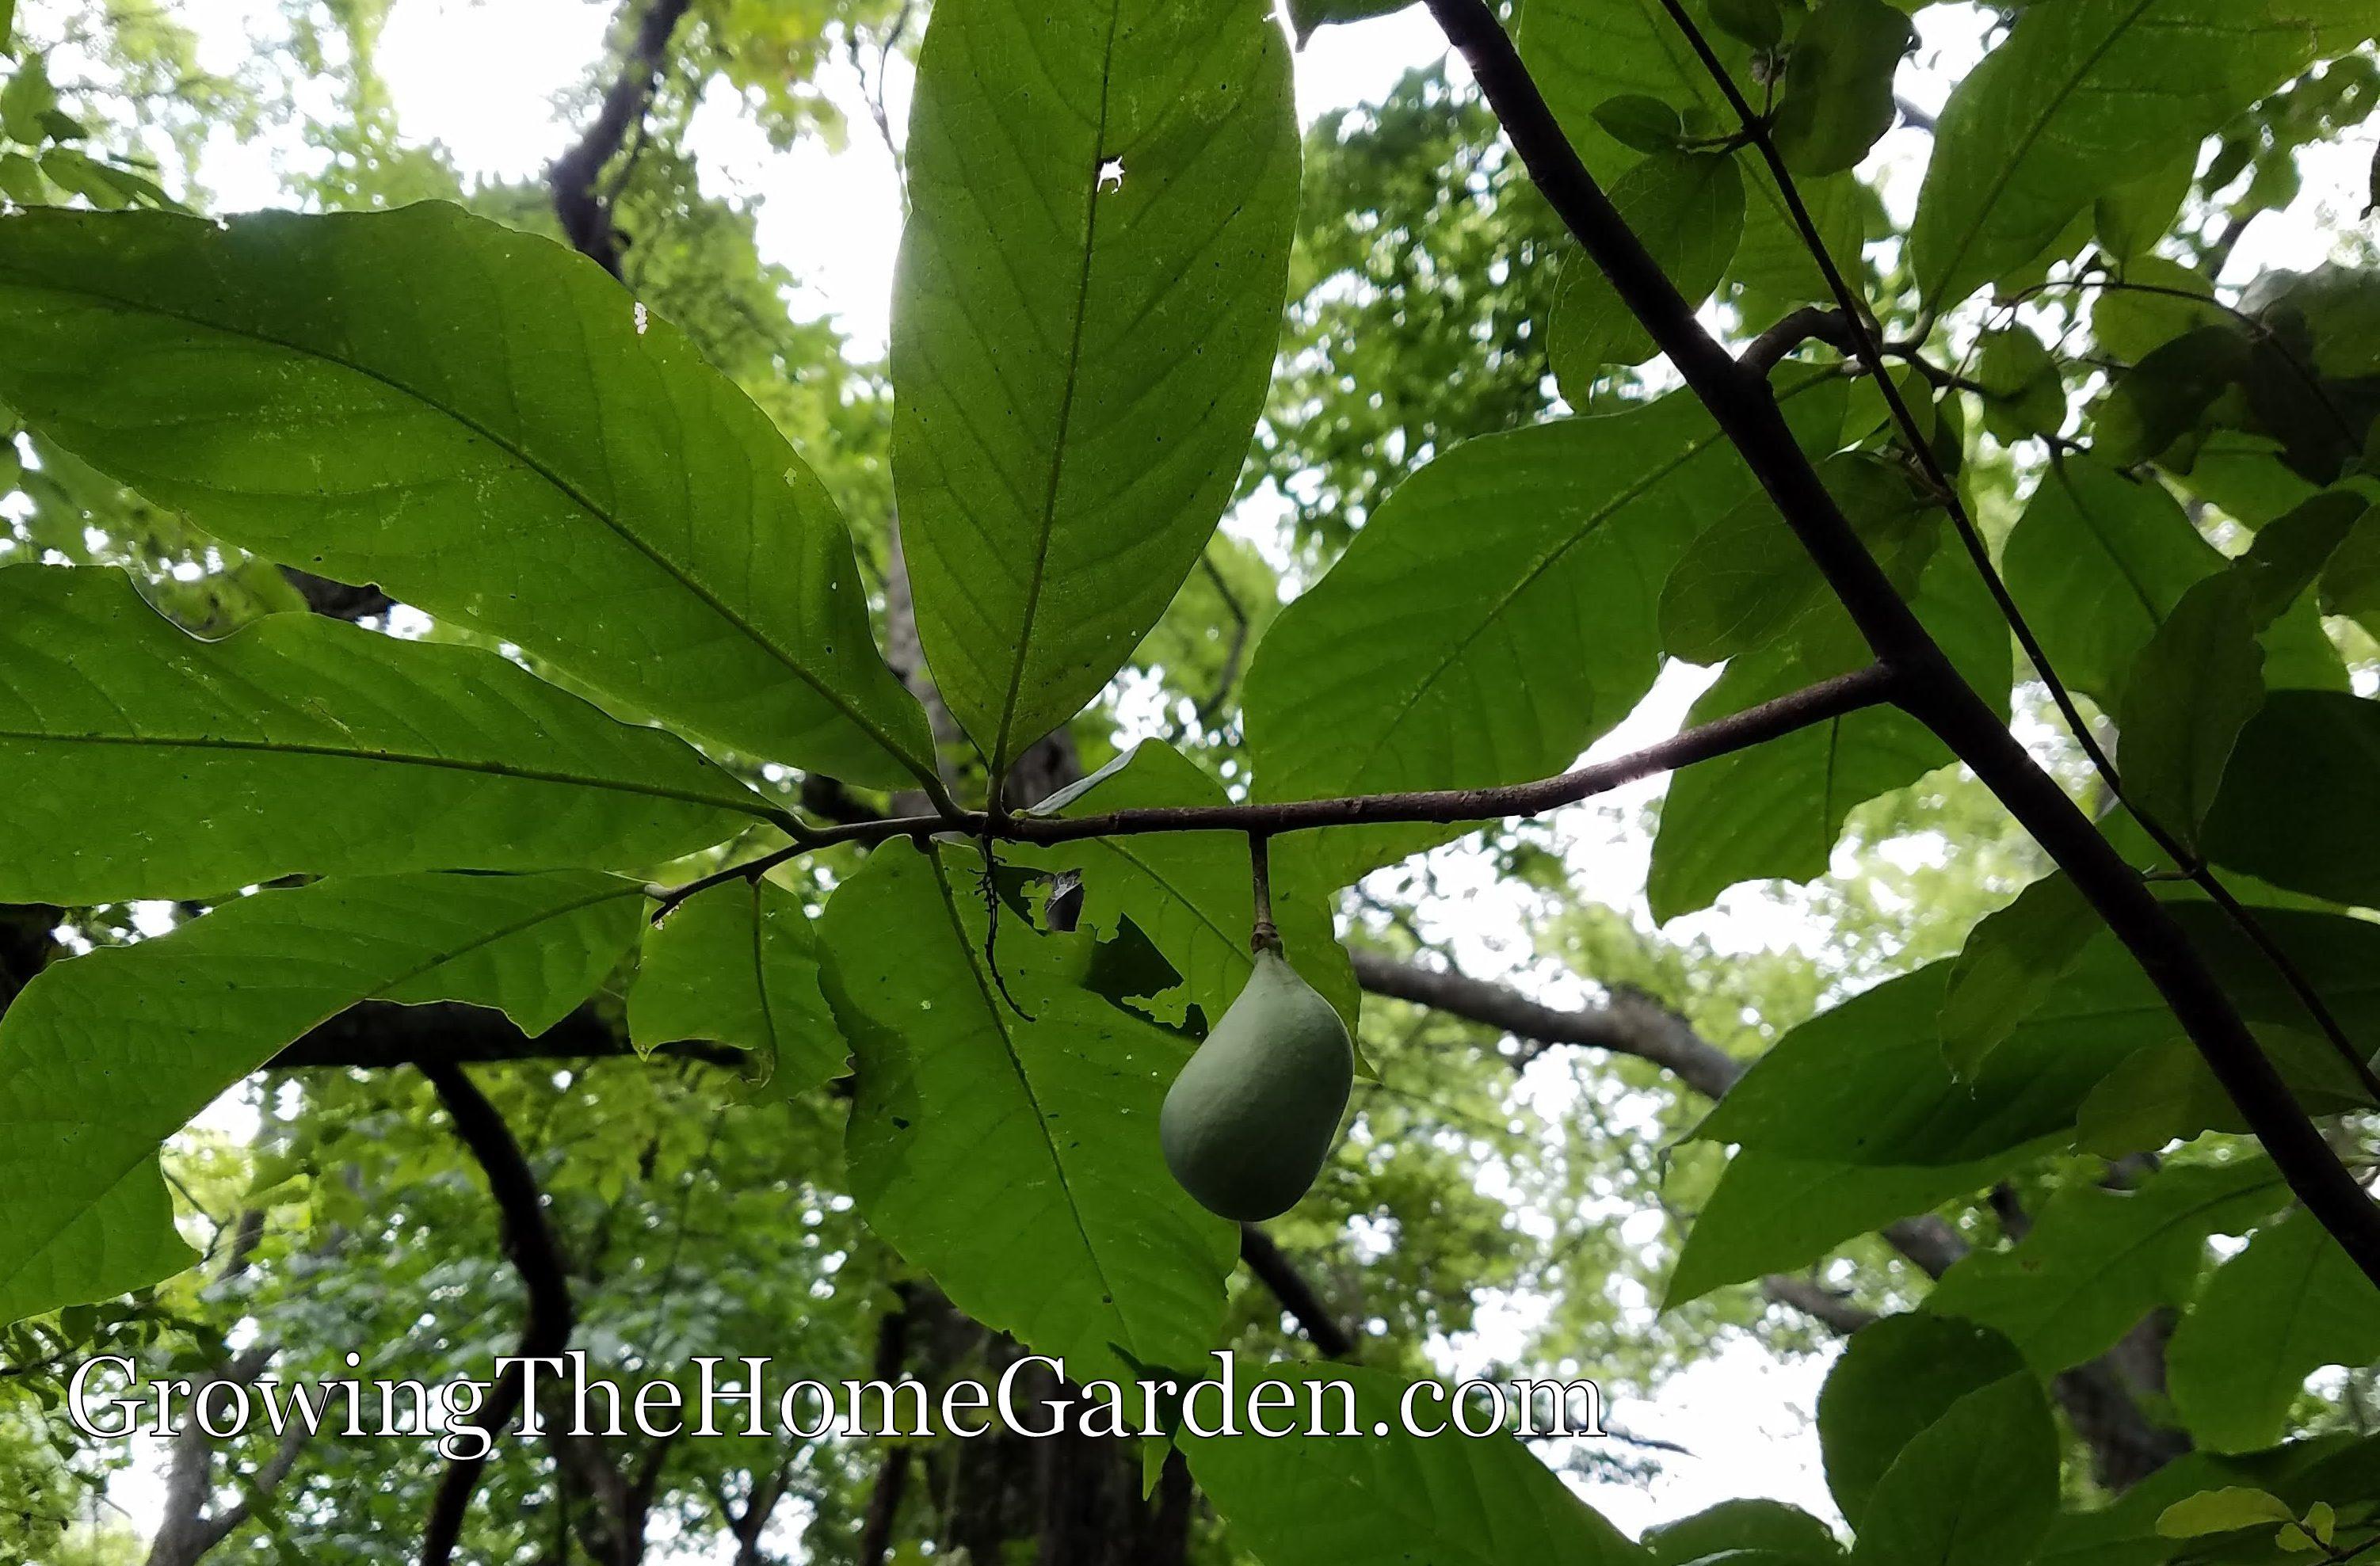 Pawpaws (Asimina triloba)